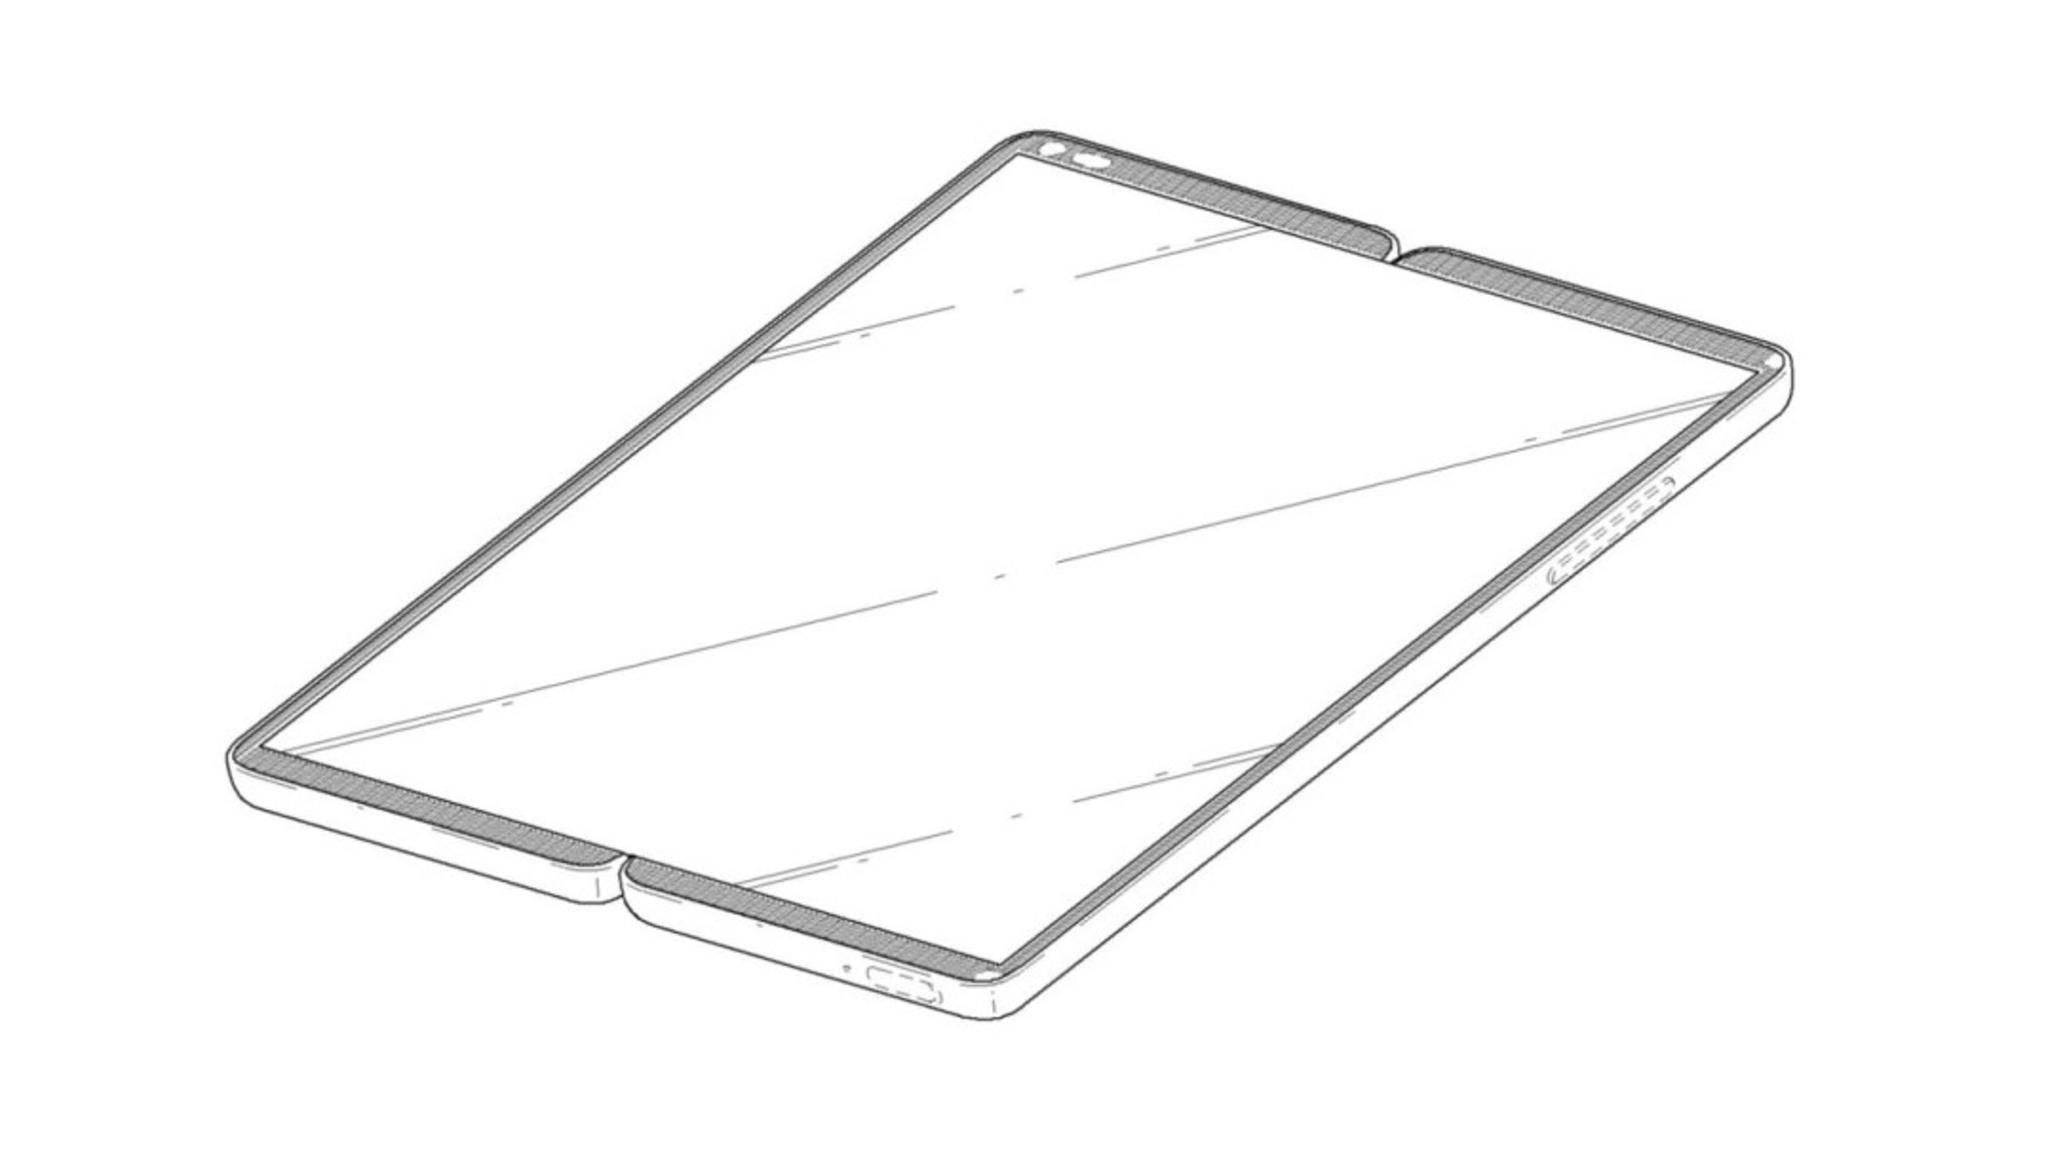 Im ausgeklappten Zustand könnte das faltbare Smartphone von LG einen Screen mit Tablet-Größe besitzen.